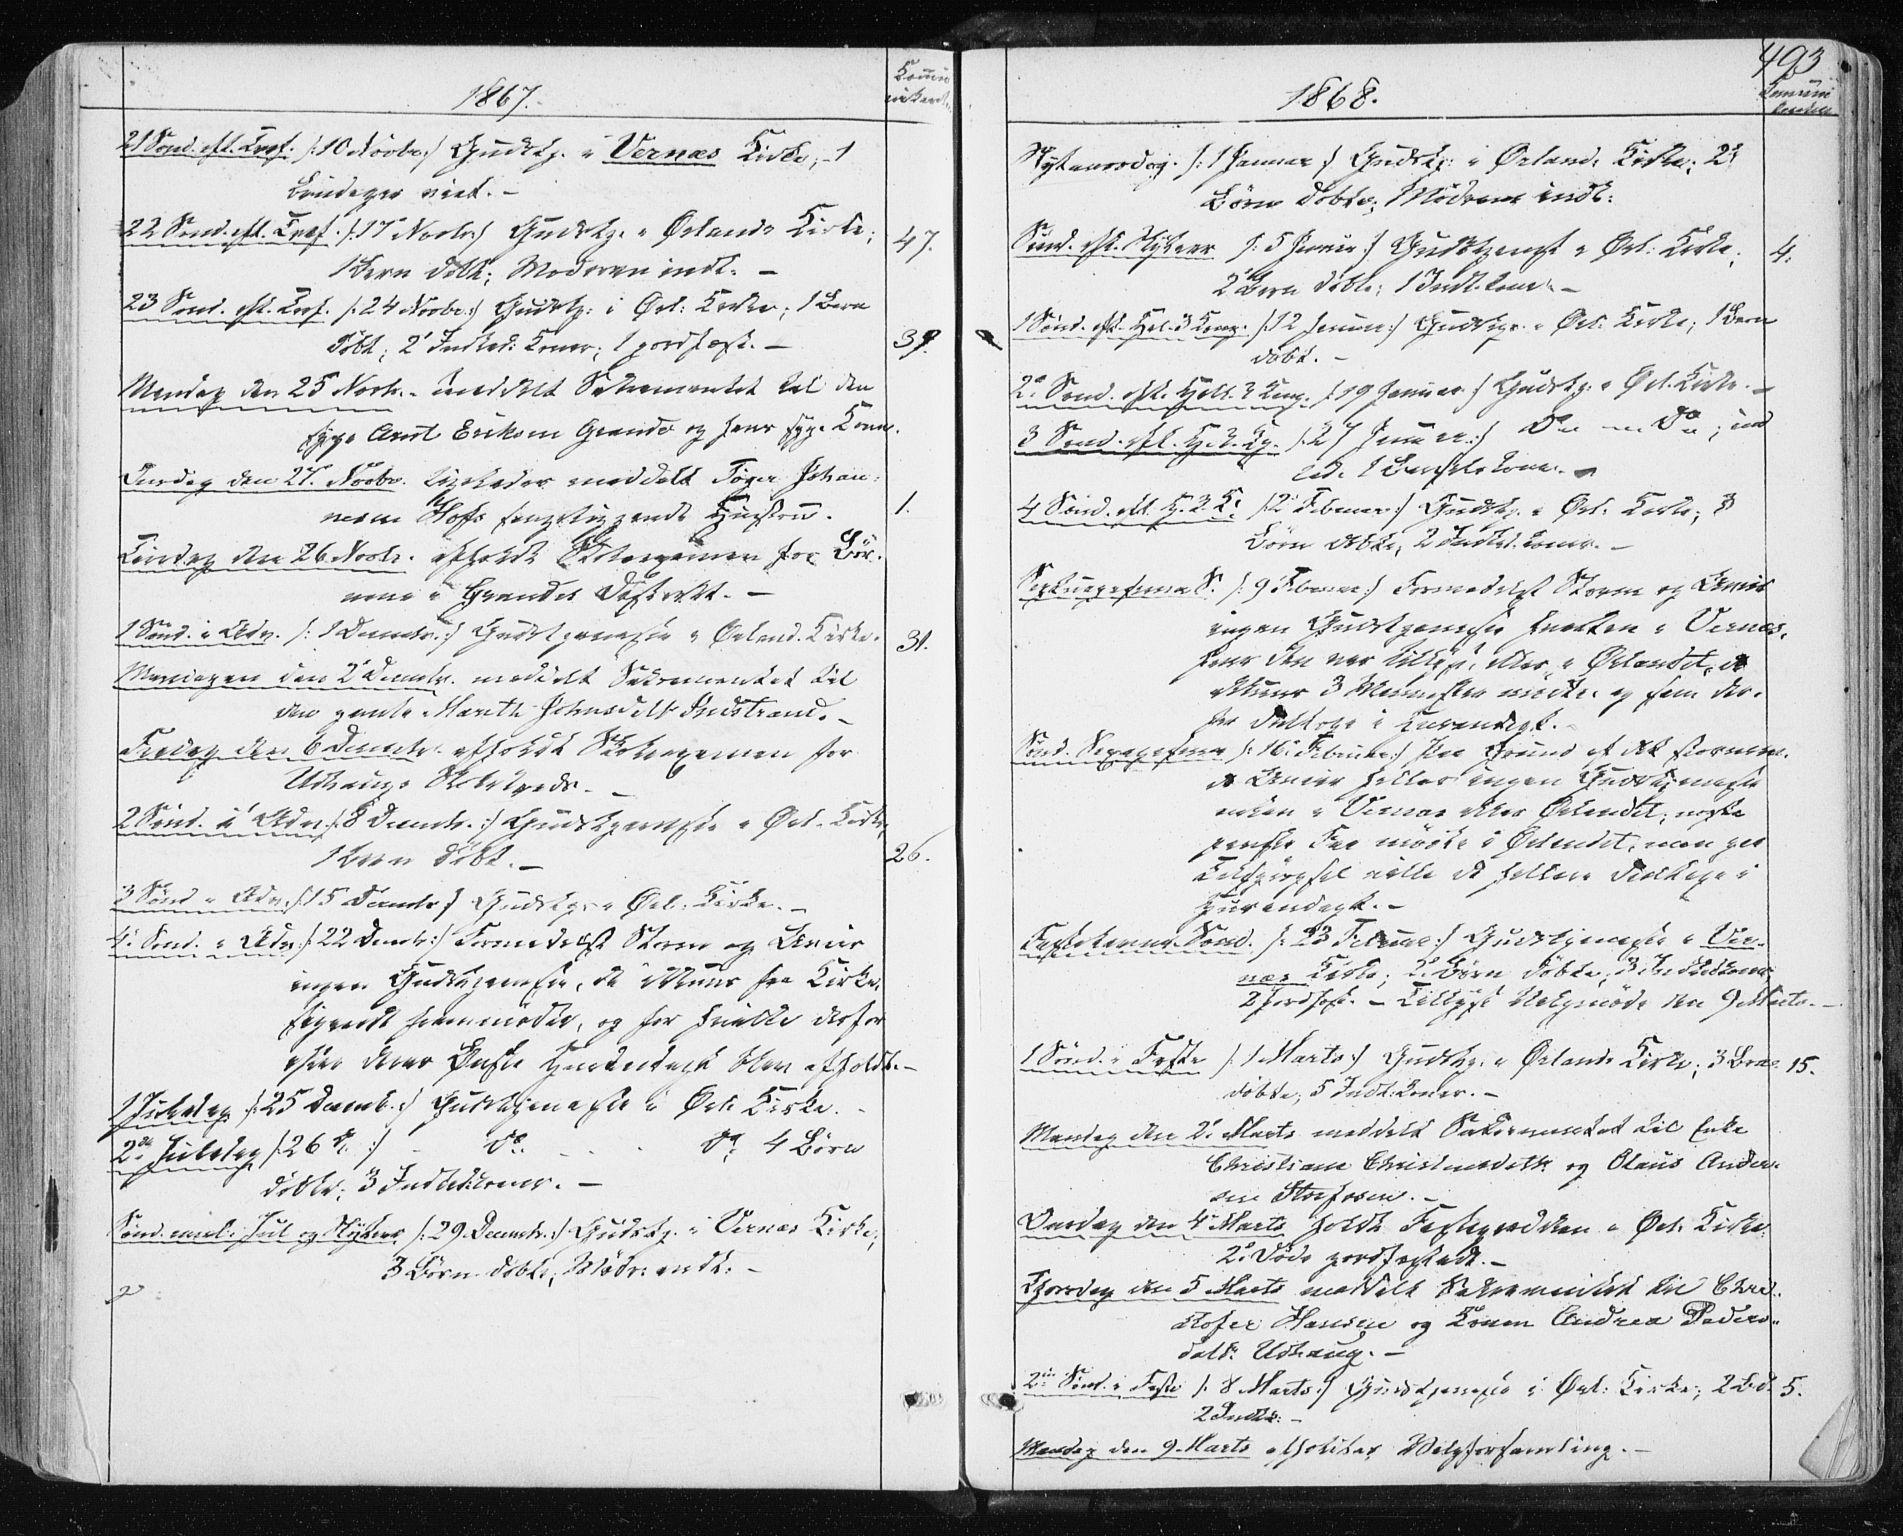 SAT, Ministerialprotokoller, klokkerbøker og fødselsregistre - Sør-Trøndelag, 659/L0737: Ministerialbok nr. 659A07, 1857-1875, s. 493